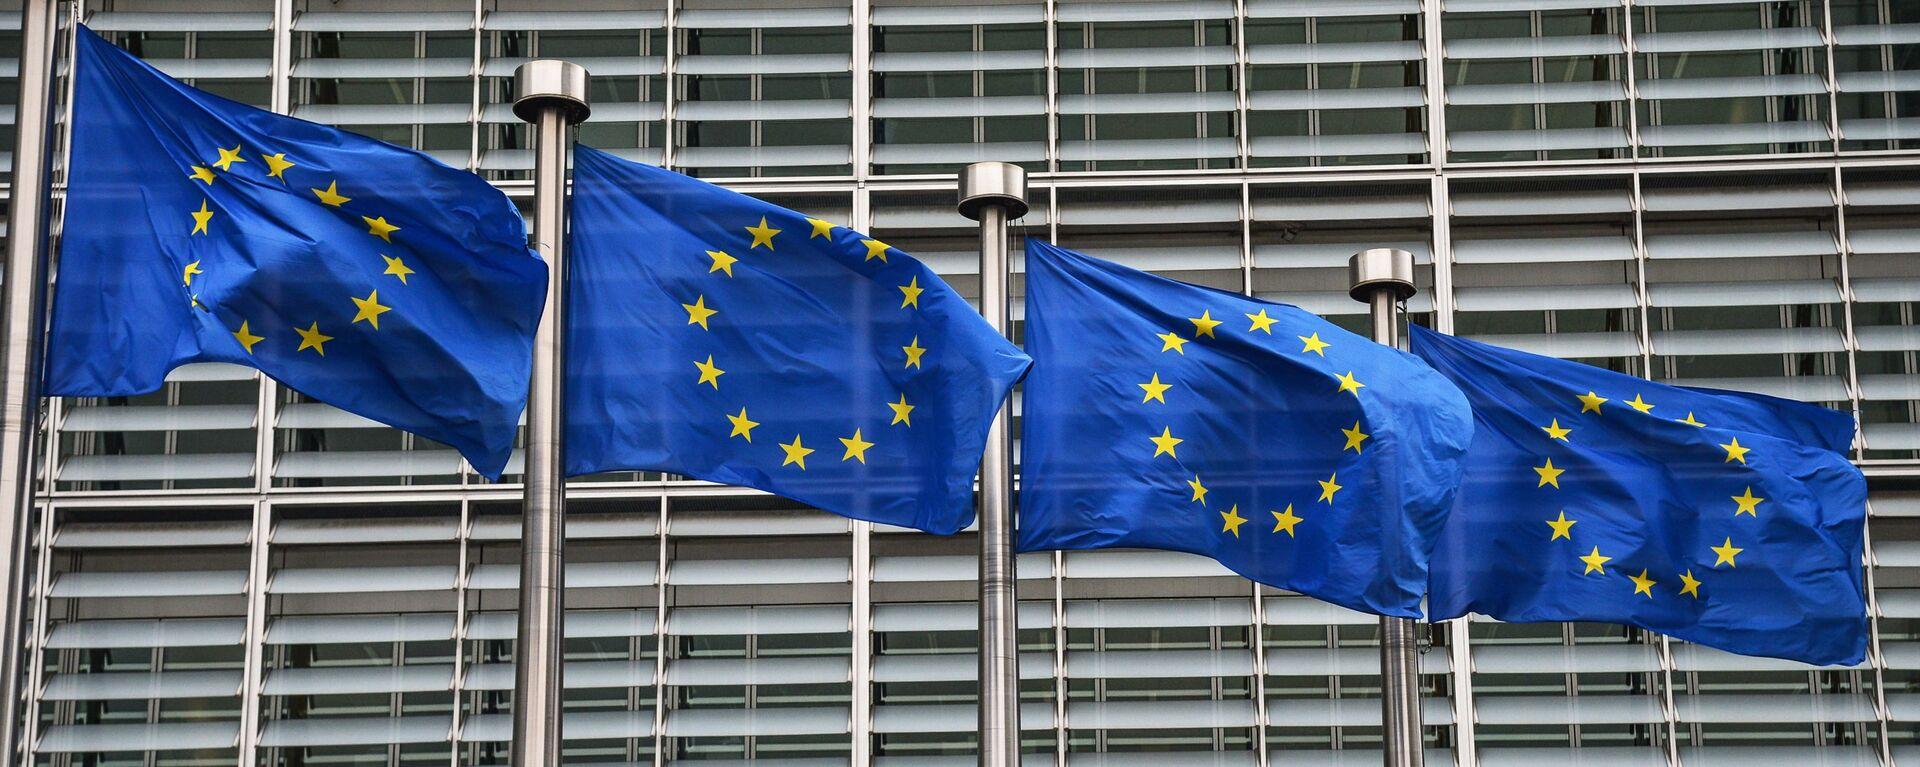 Bandiere dell'UE a Bruxelles - Sputnik Italia, 1920, 10.02.2021